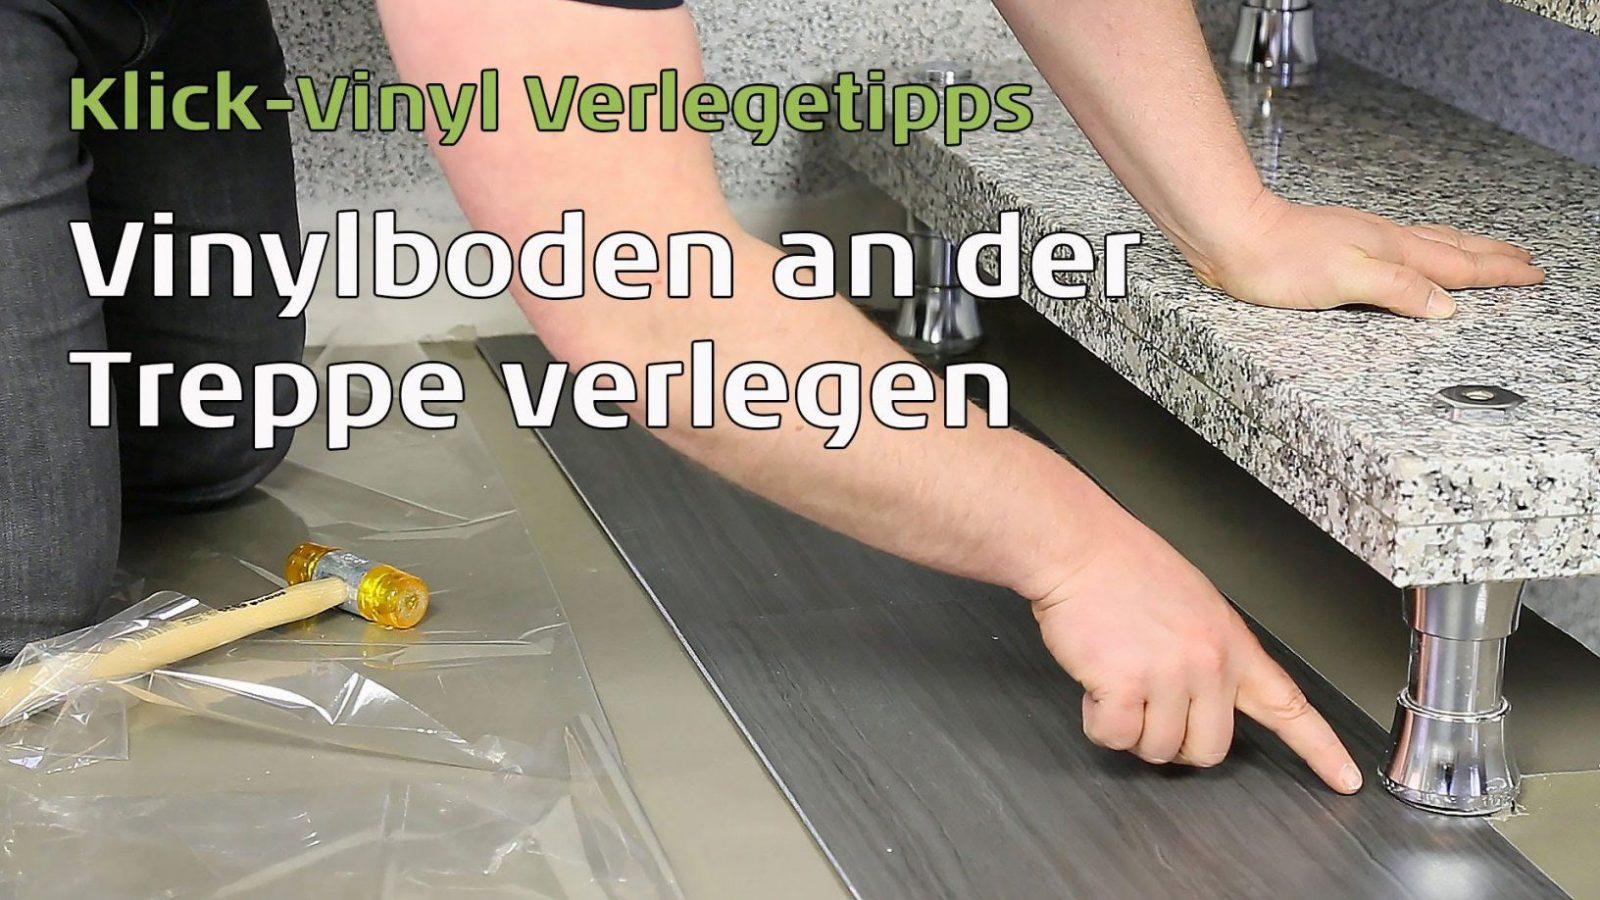 Vinylboden An Der Treppe Verlegen  Youtube von Vinylboden Auf Fliesen Legen Photo